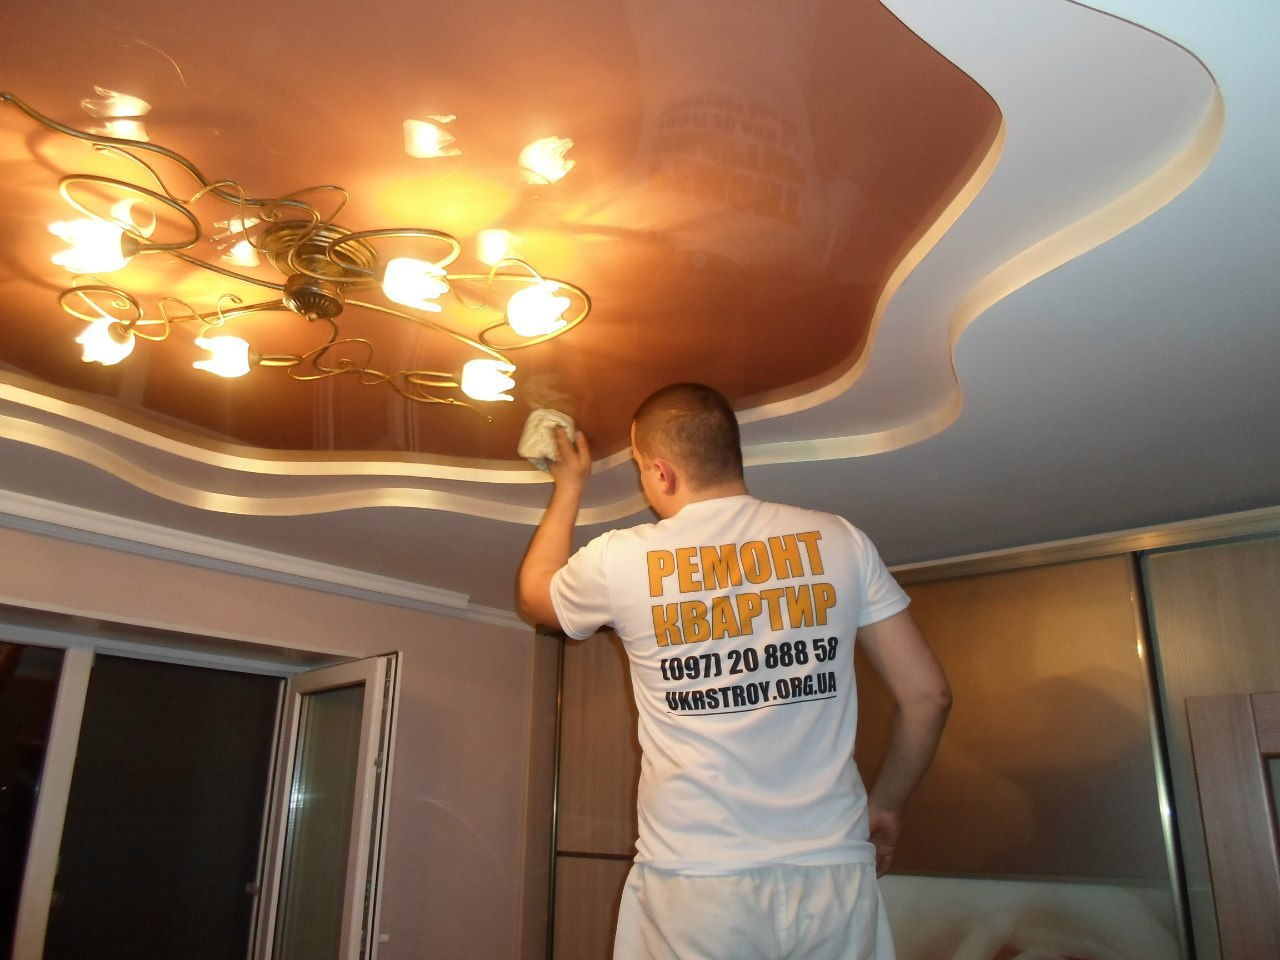 [quote=Backfire]Господа спецы, сколько я потеряю высоты помещения при установке натяжных потолков?[/quote] В некоторых домах, стык стена/потолок трухлявый (особенно в кирпичных). В нем плохо держатся дюбеля. Все зависит от стен, от коммуникаций или освещения, которое будет под потолком. Лучше брать не менее 5 см.  [b]Backfire[/b], [quote=Backfire]если конфигурация потолка имеет не совсем правильную форму, ниши и ТП или одним потолком нужно объединить скажем кухню с прихожей. Это решаемо?[/quote] Вот мы делали неправильной формы и с переходом: [img=left]http://cs419725.vk.me/v419725124/5149/AujNlB47YNQ.jpg[/img] [img=left]http://cs320629.vk.me/v320629124/150/iFcRNDxEy7s.jpg[/img] [img=left]http://cs320629.vk.me/v320629124/204/n0A8chwxl9k.jpg[/img] [img=left]http://cs407530.vk.me/v407530124/acd4/p5yjYtQC61s.jpg[/img]  [url=http://vk.com/litsapotolka?z=albums173284124]Вот галерея некоторых наших работ[/url].